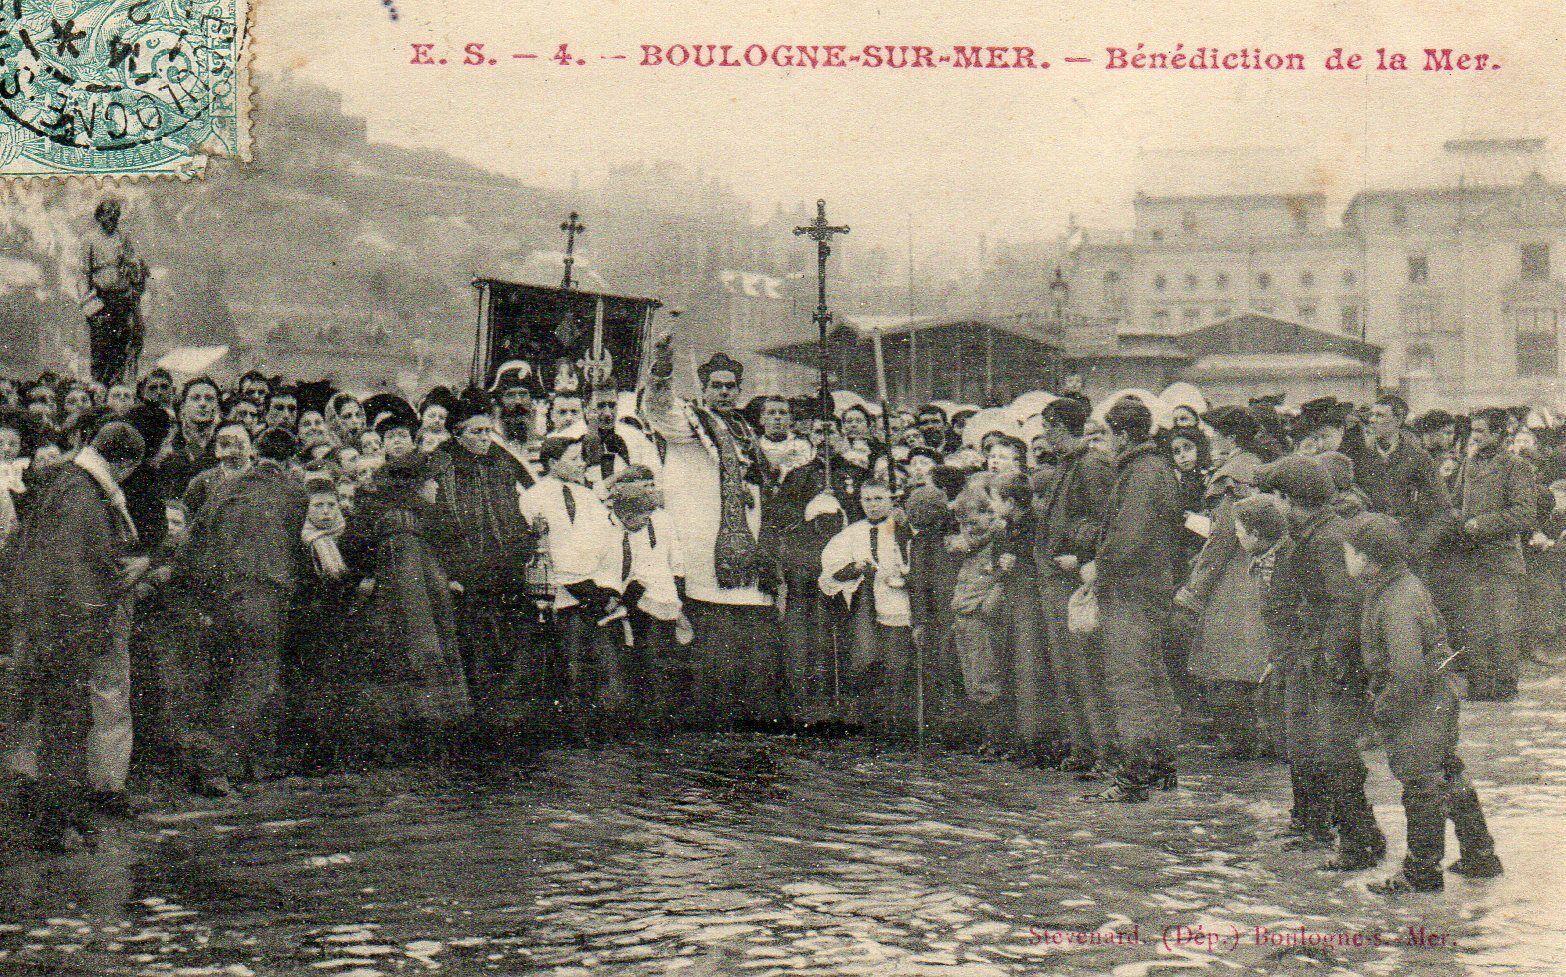 Boulognes